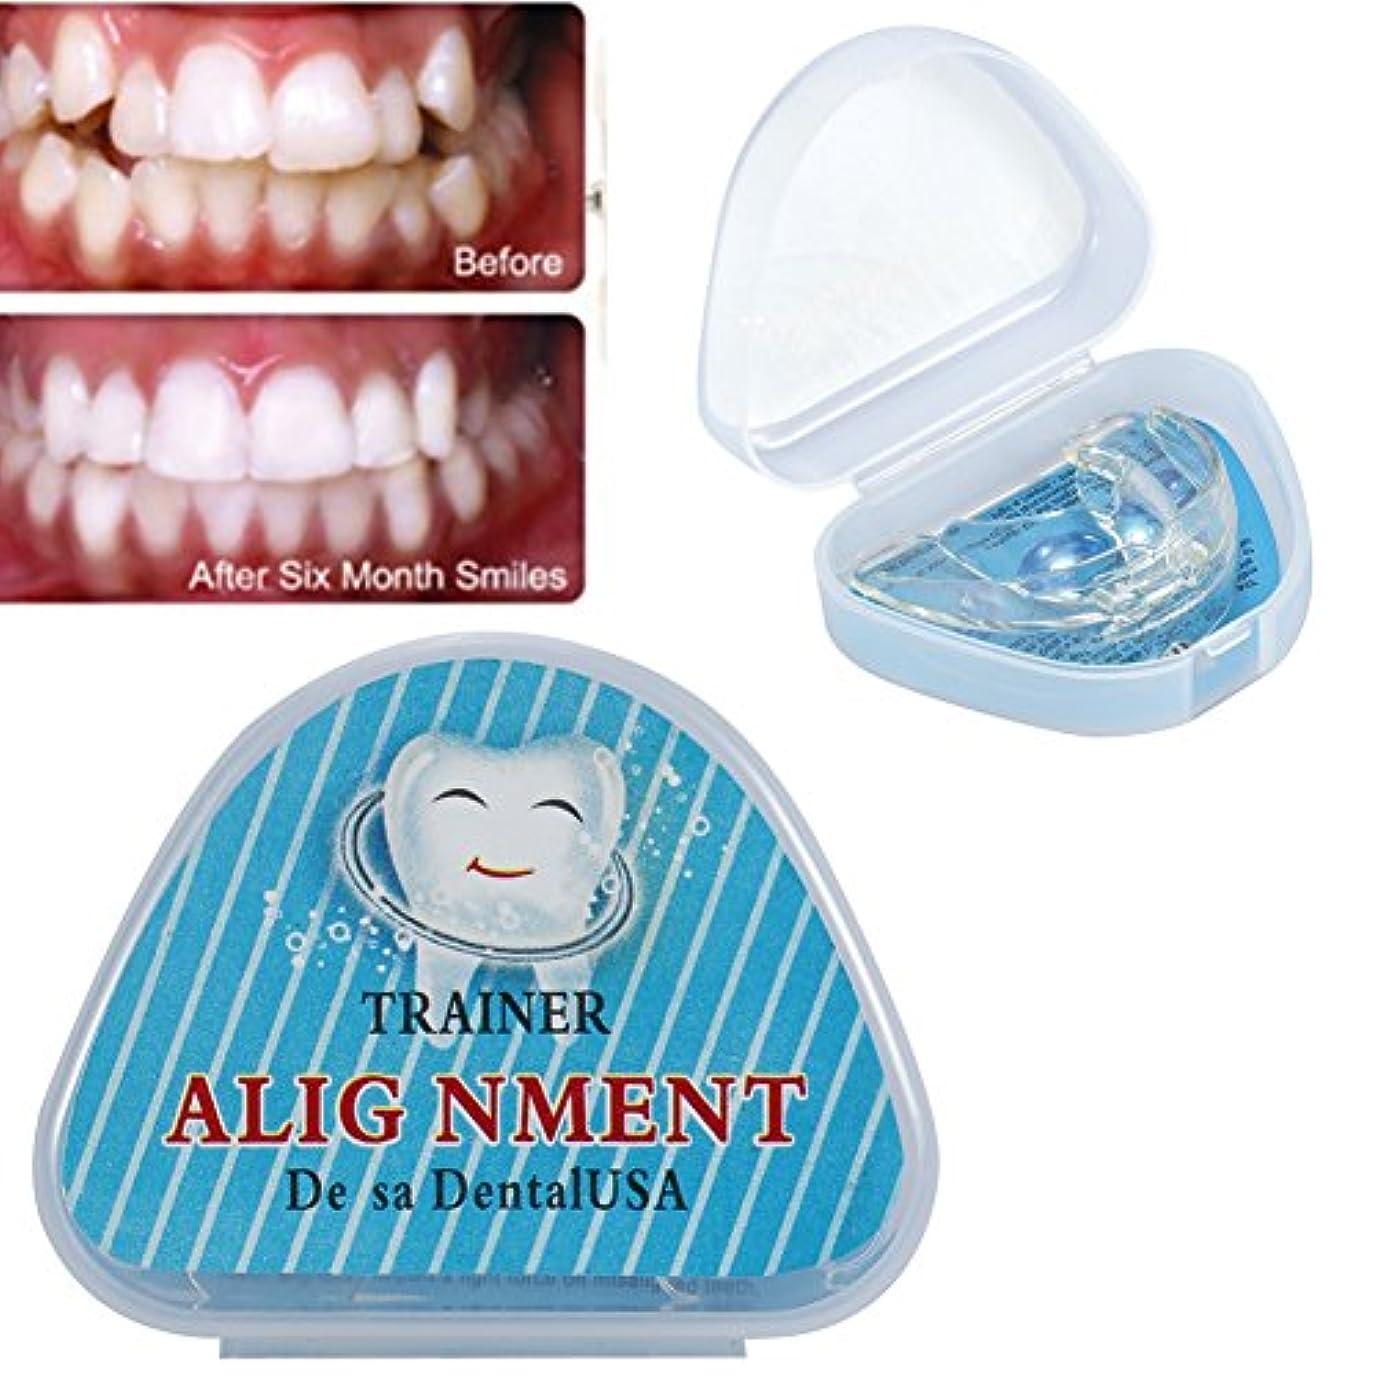 方法論雇ったブートEboxer 歯 矯正 矯正器 デンタルマウスピース 矯正用リテーナー マウスピース 噛み合わせ 歯ぎしり いびき防止 予防 歯並び 矯正